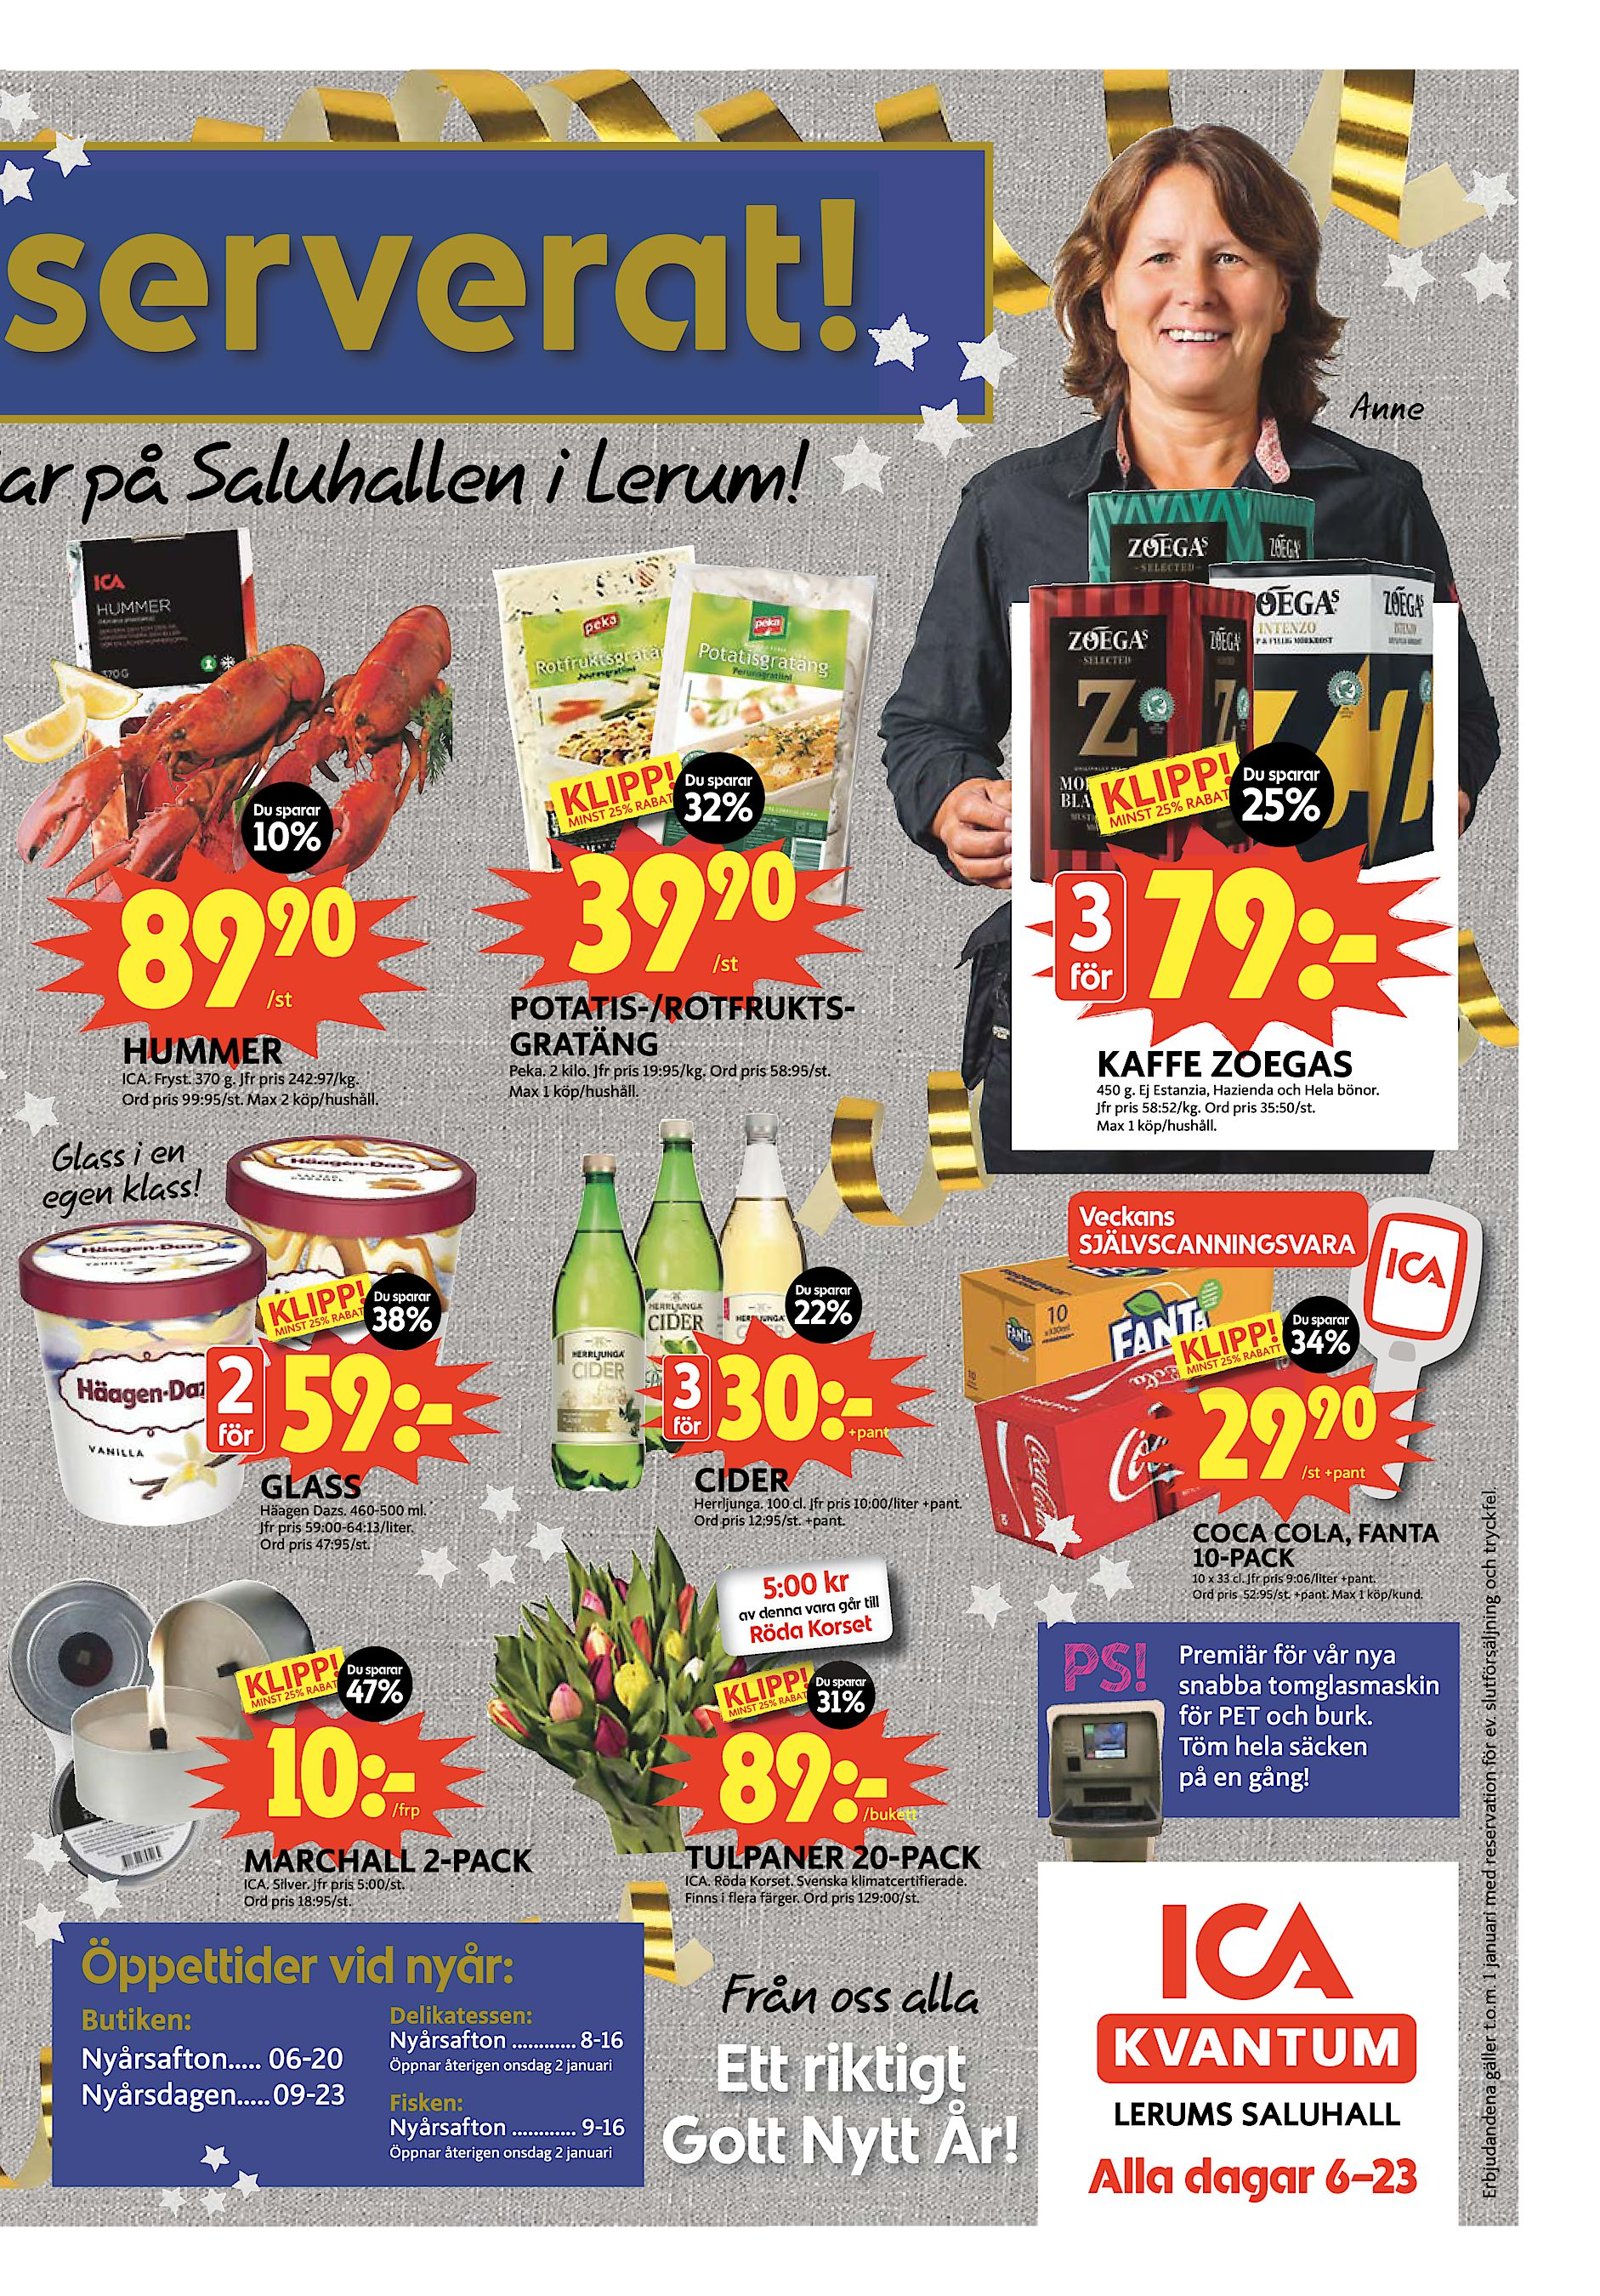 Lerums Tidning fredag 28 december 2018 serverat! Anne jar på Saluhallen i  Lerum! Du sparar Du sparar 10% 89 25% 32% Du sparar 39 90 90  st 3  st för  ... b9009e0433d32